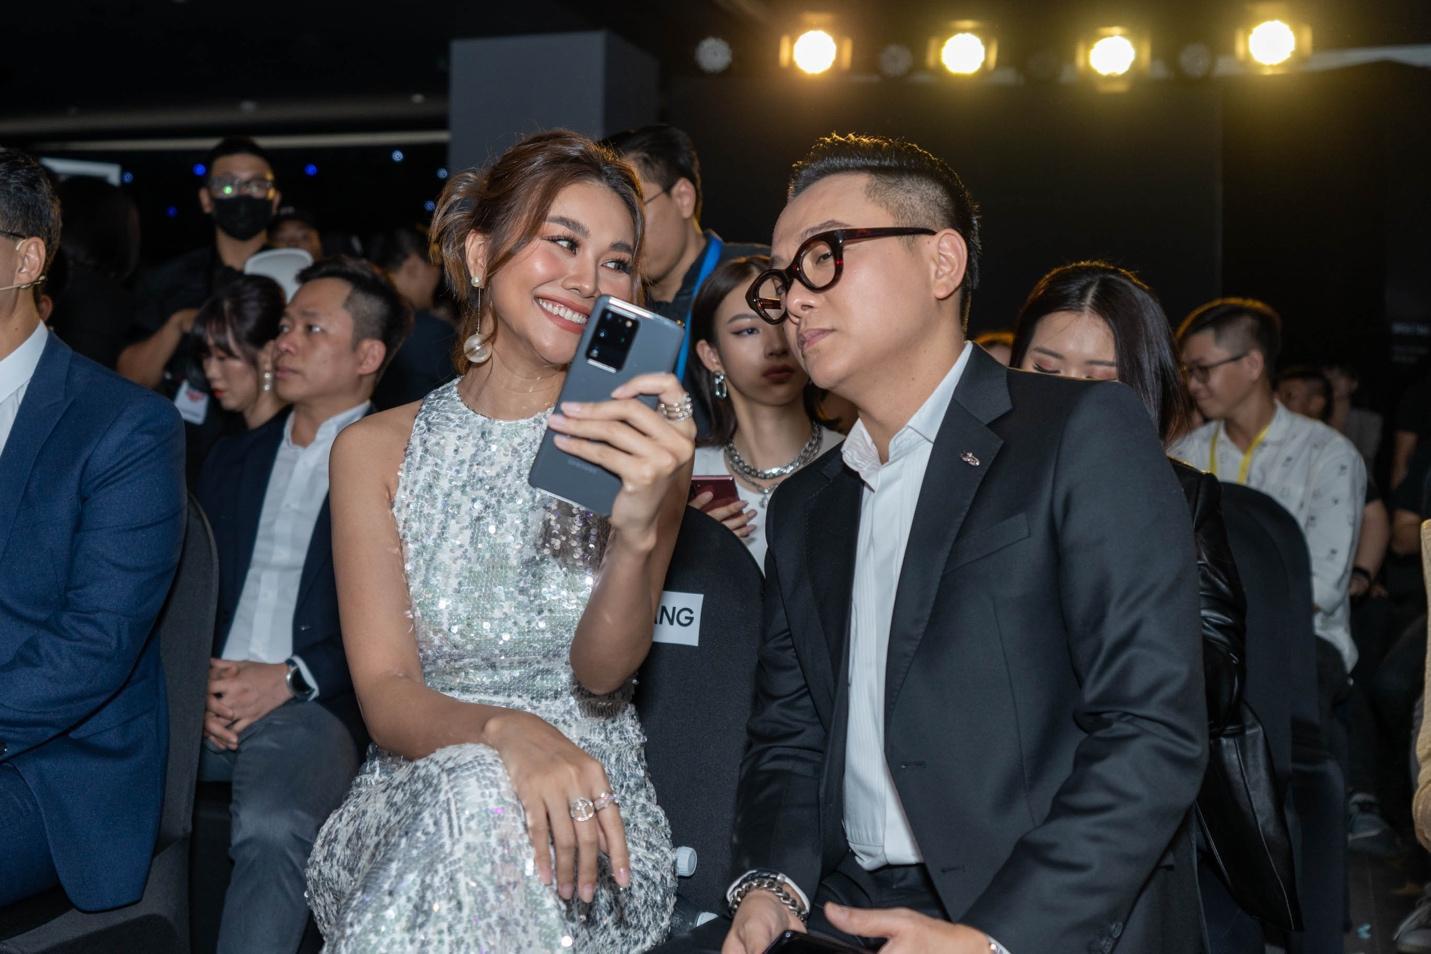 Toàn cảnh sự kiện ra mắt siêu phẩm đáng chú ý bậc nhất làng công nghệ Việt: Galaxy S20 series - Ảnh 3.